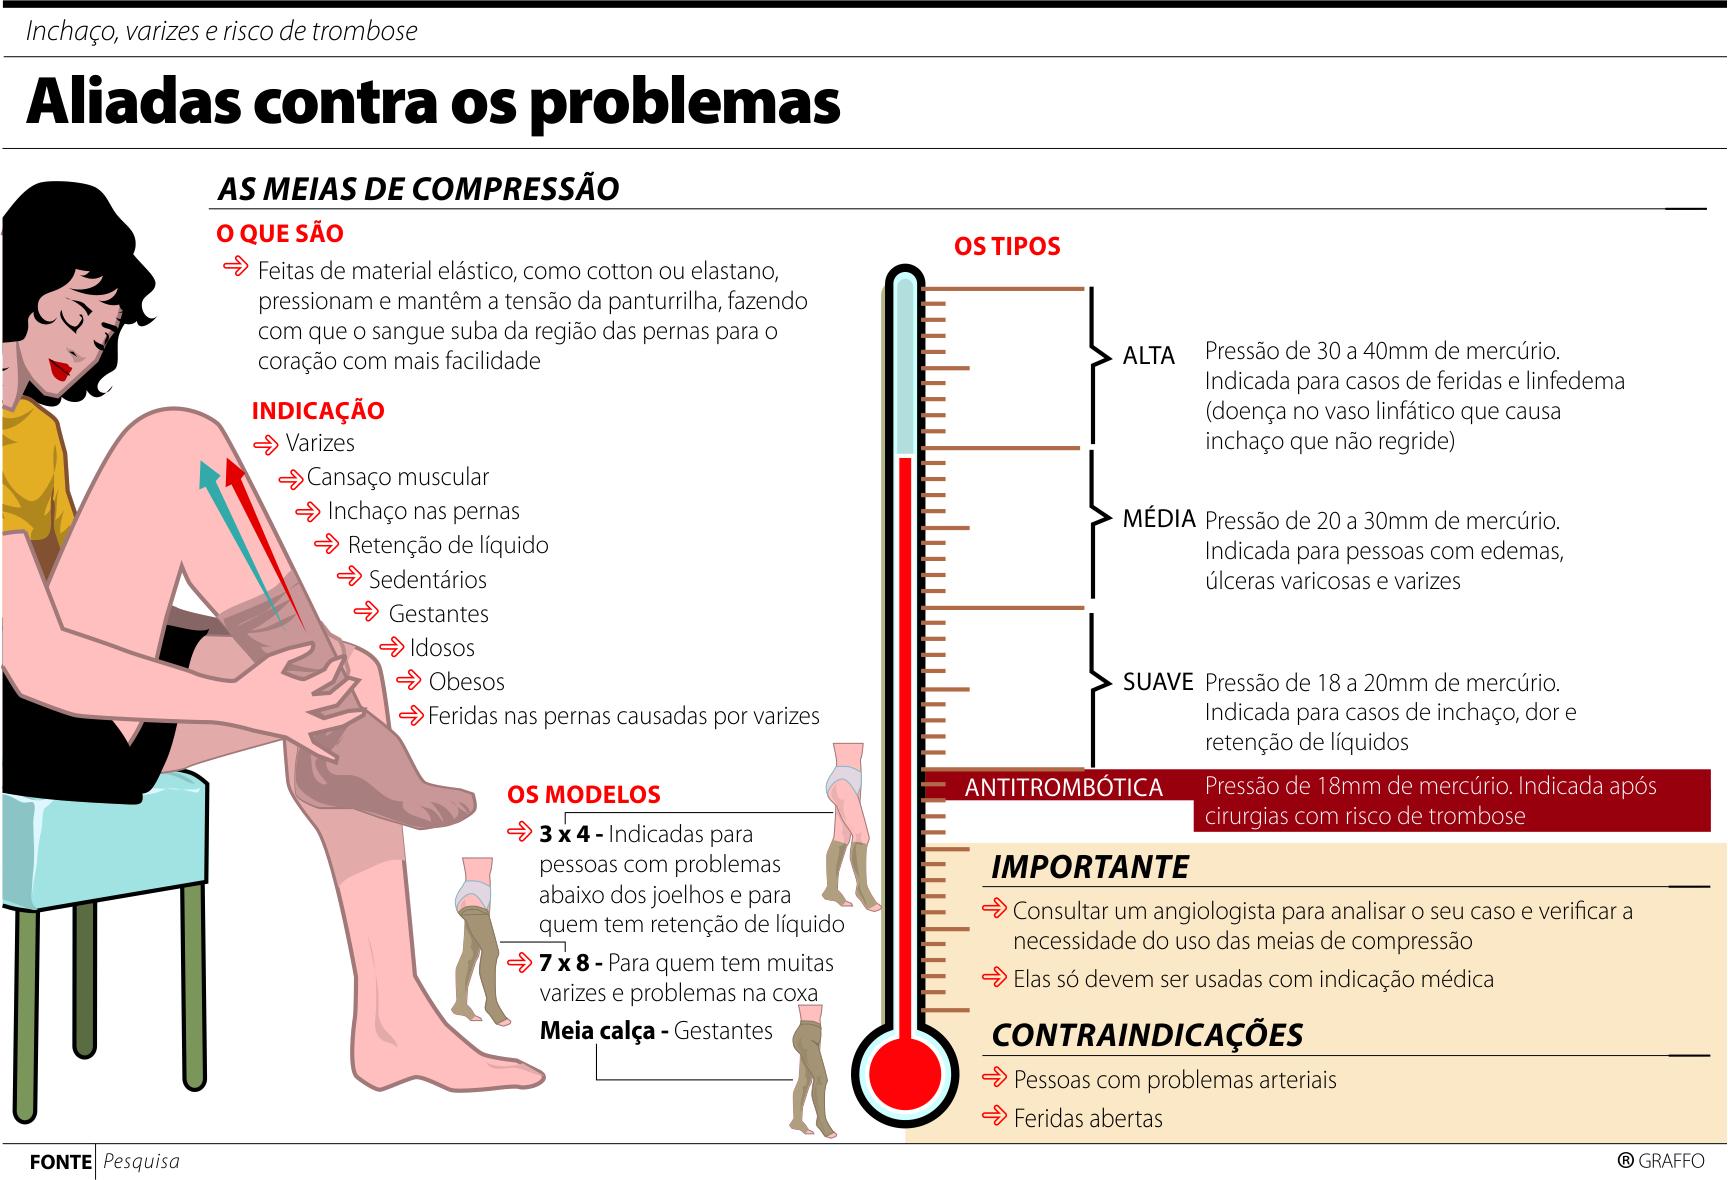 bff9de867 Meias de compressão podem evitar varizes e reduzir inchaço nas pernas.  Entretanto